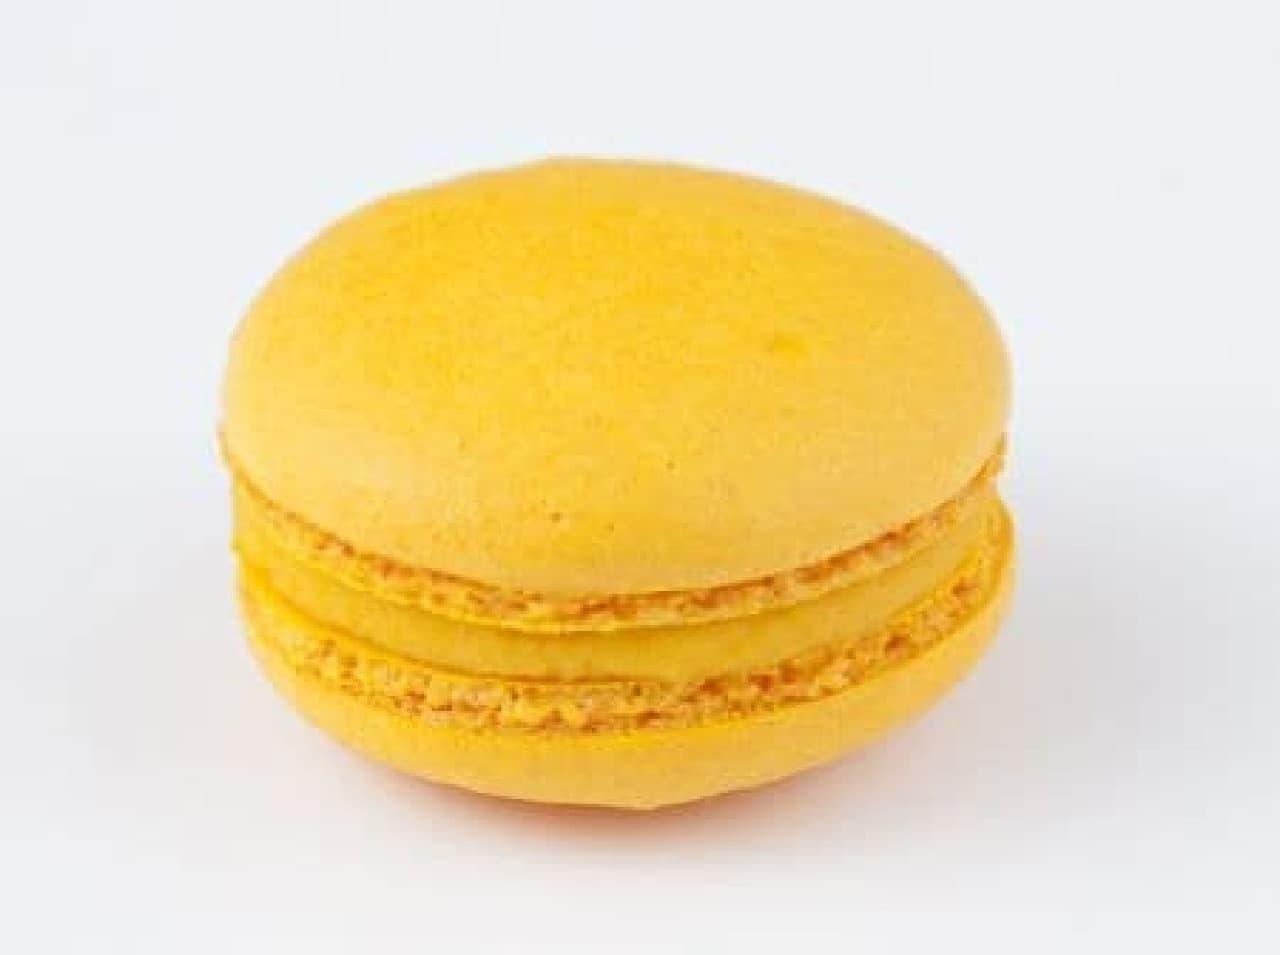 デリース マンゴーは、濃い黄色のシェルにホワイトチョコレートベースにガナッシュが使われたスイーツ